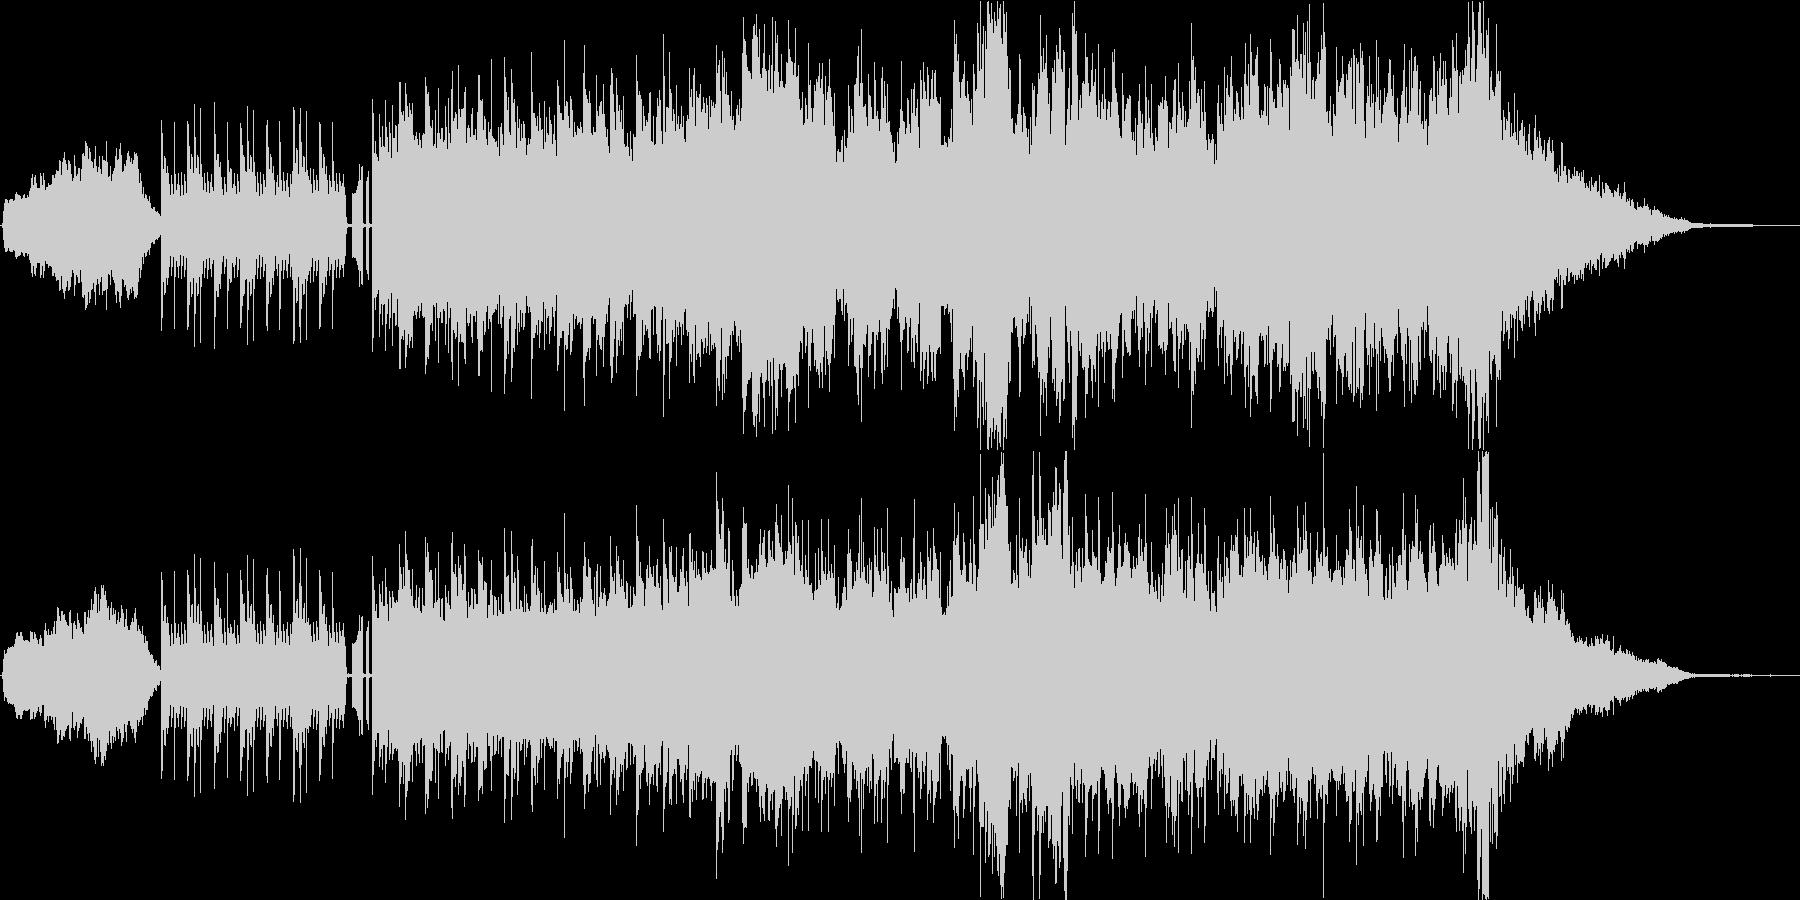 ストリングスとギターの激しく切ない曲の未再生の波形